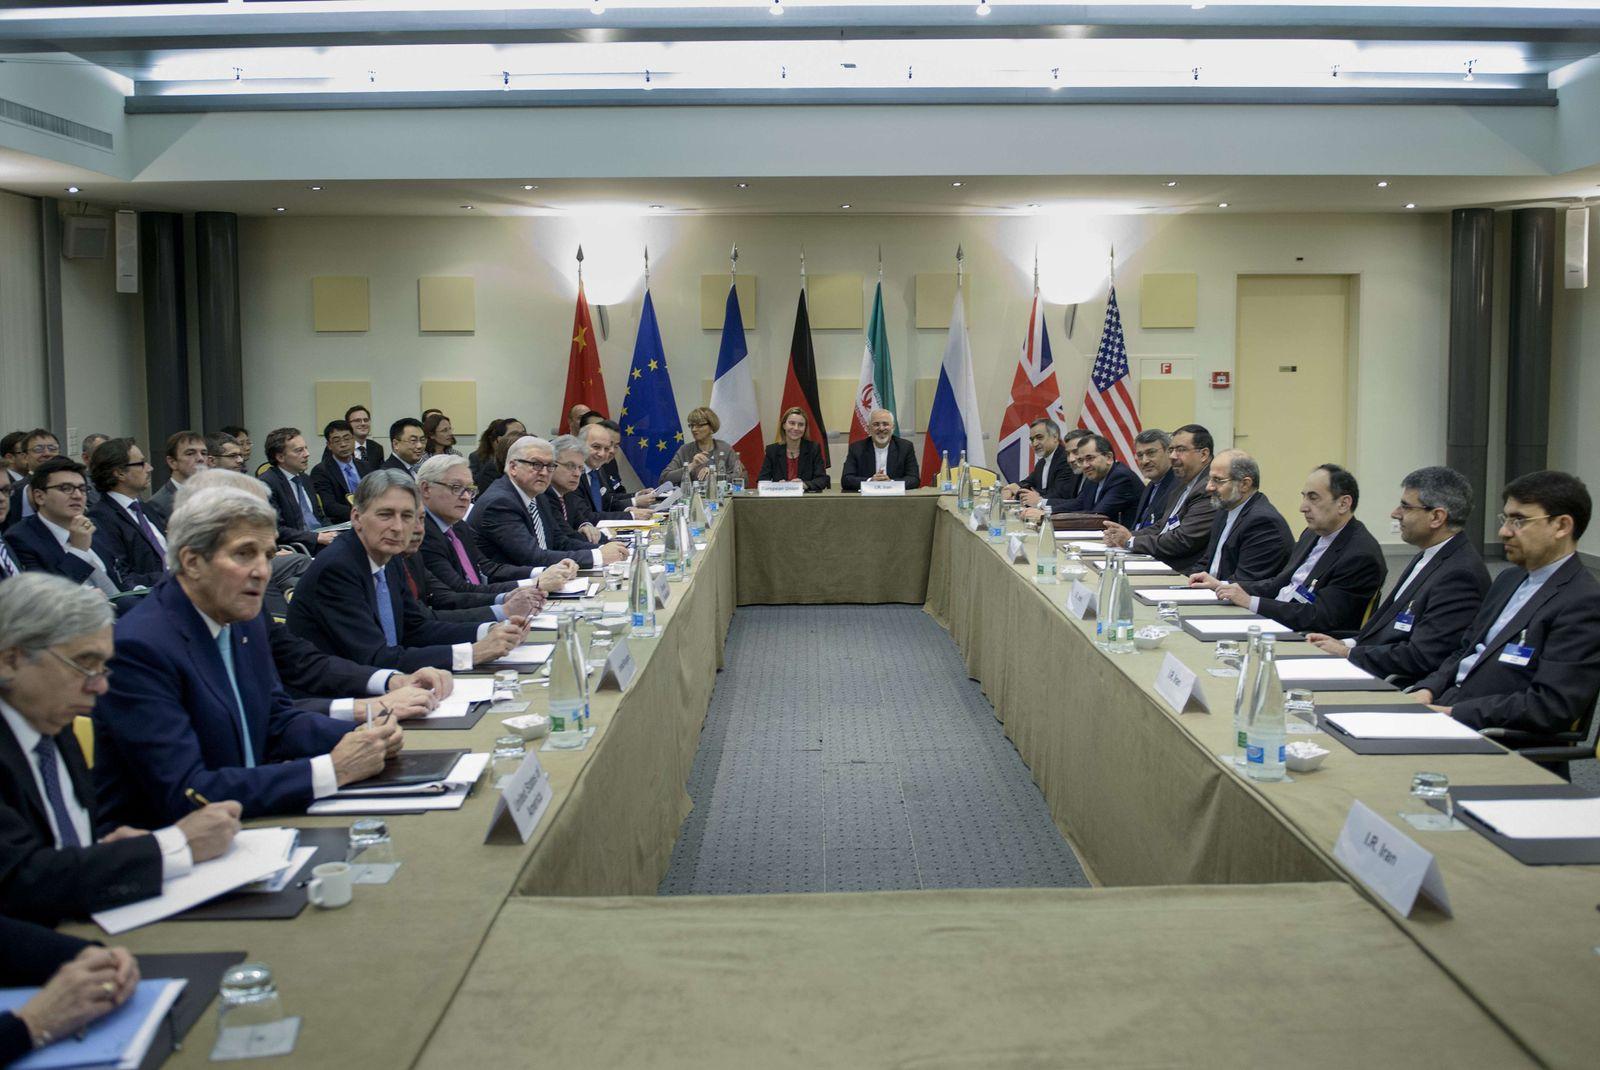 Atomverhandlungen Iran